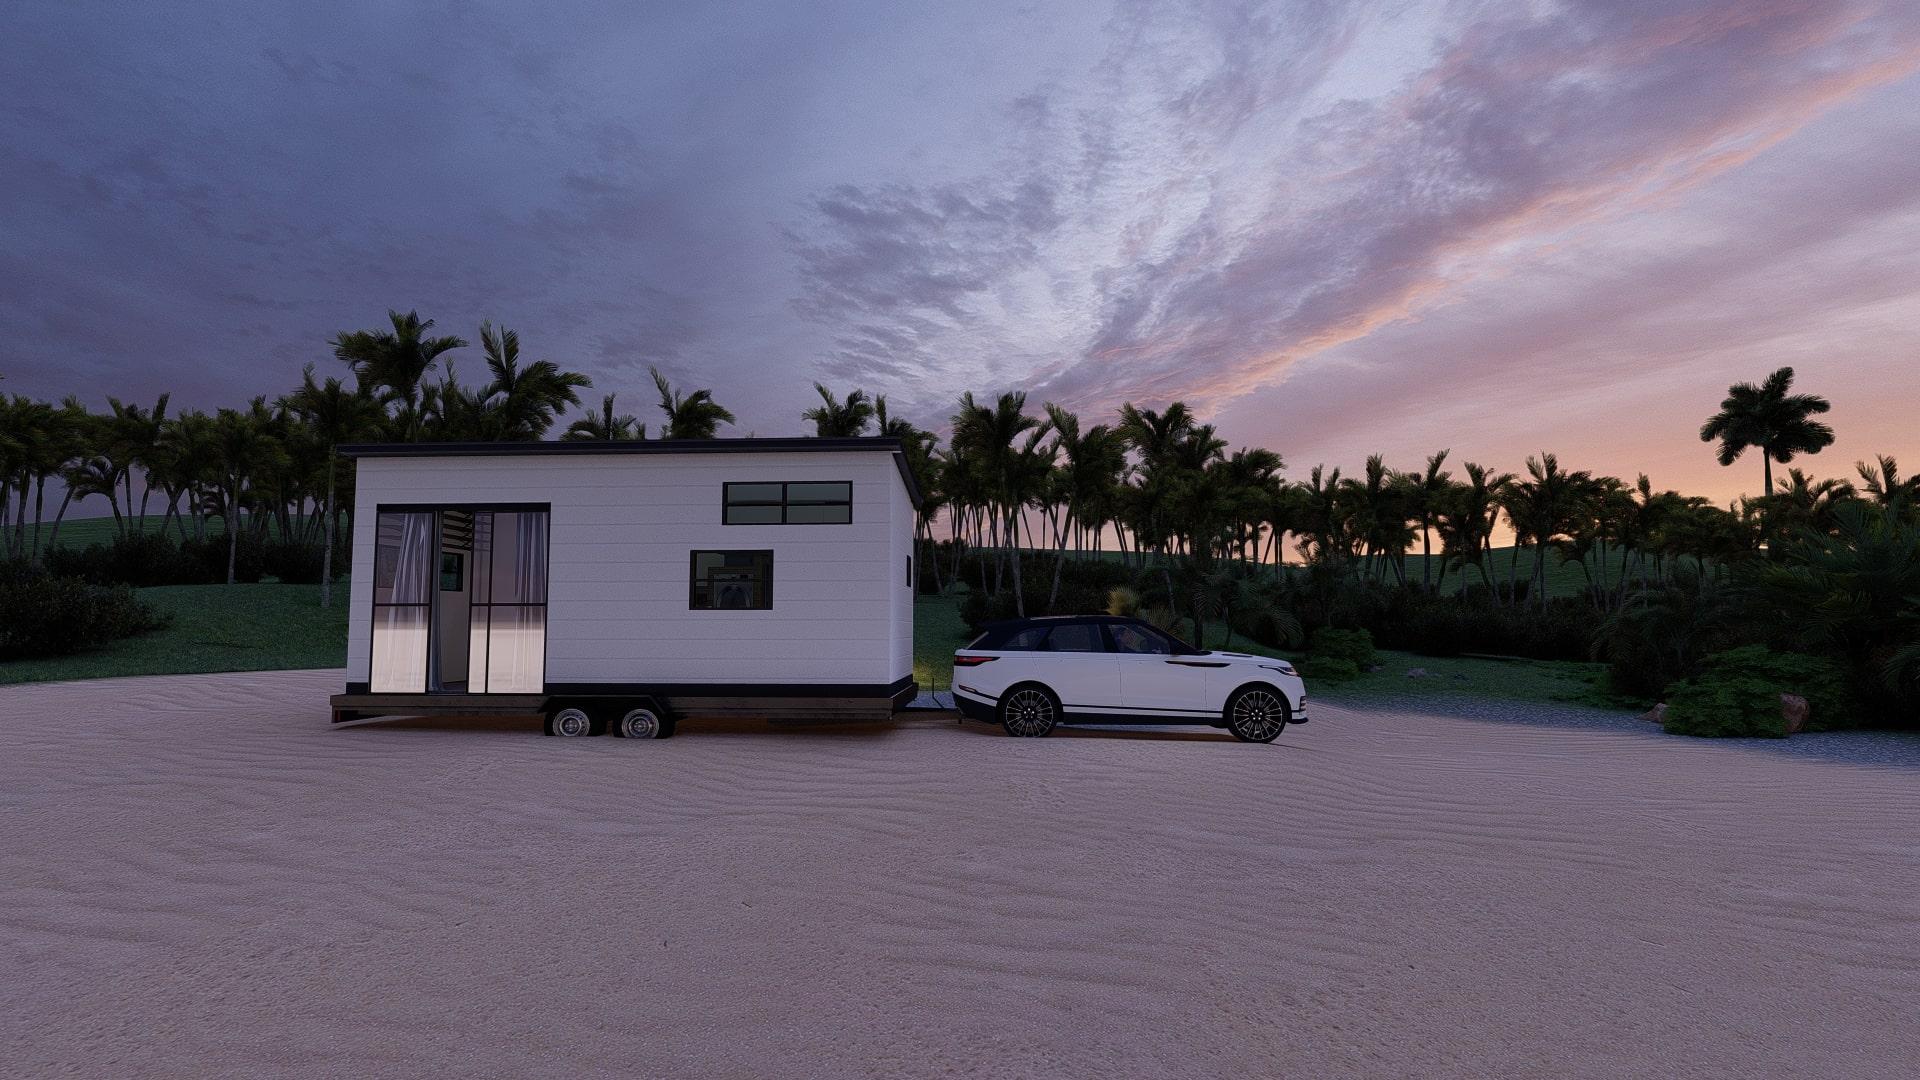 tiny house ebatları, gezen evlerin ebatları, küçük evlerin ölçüleri